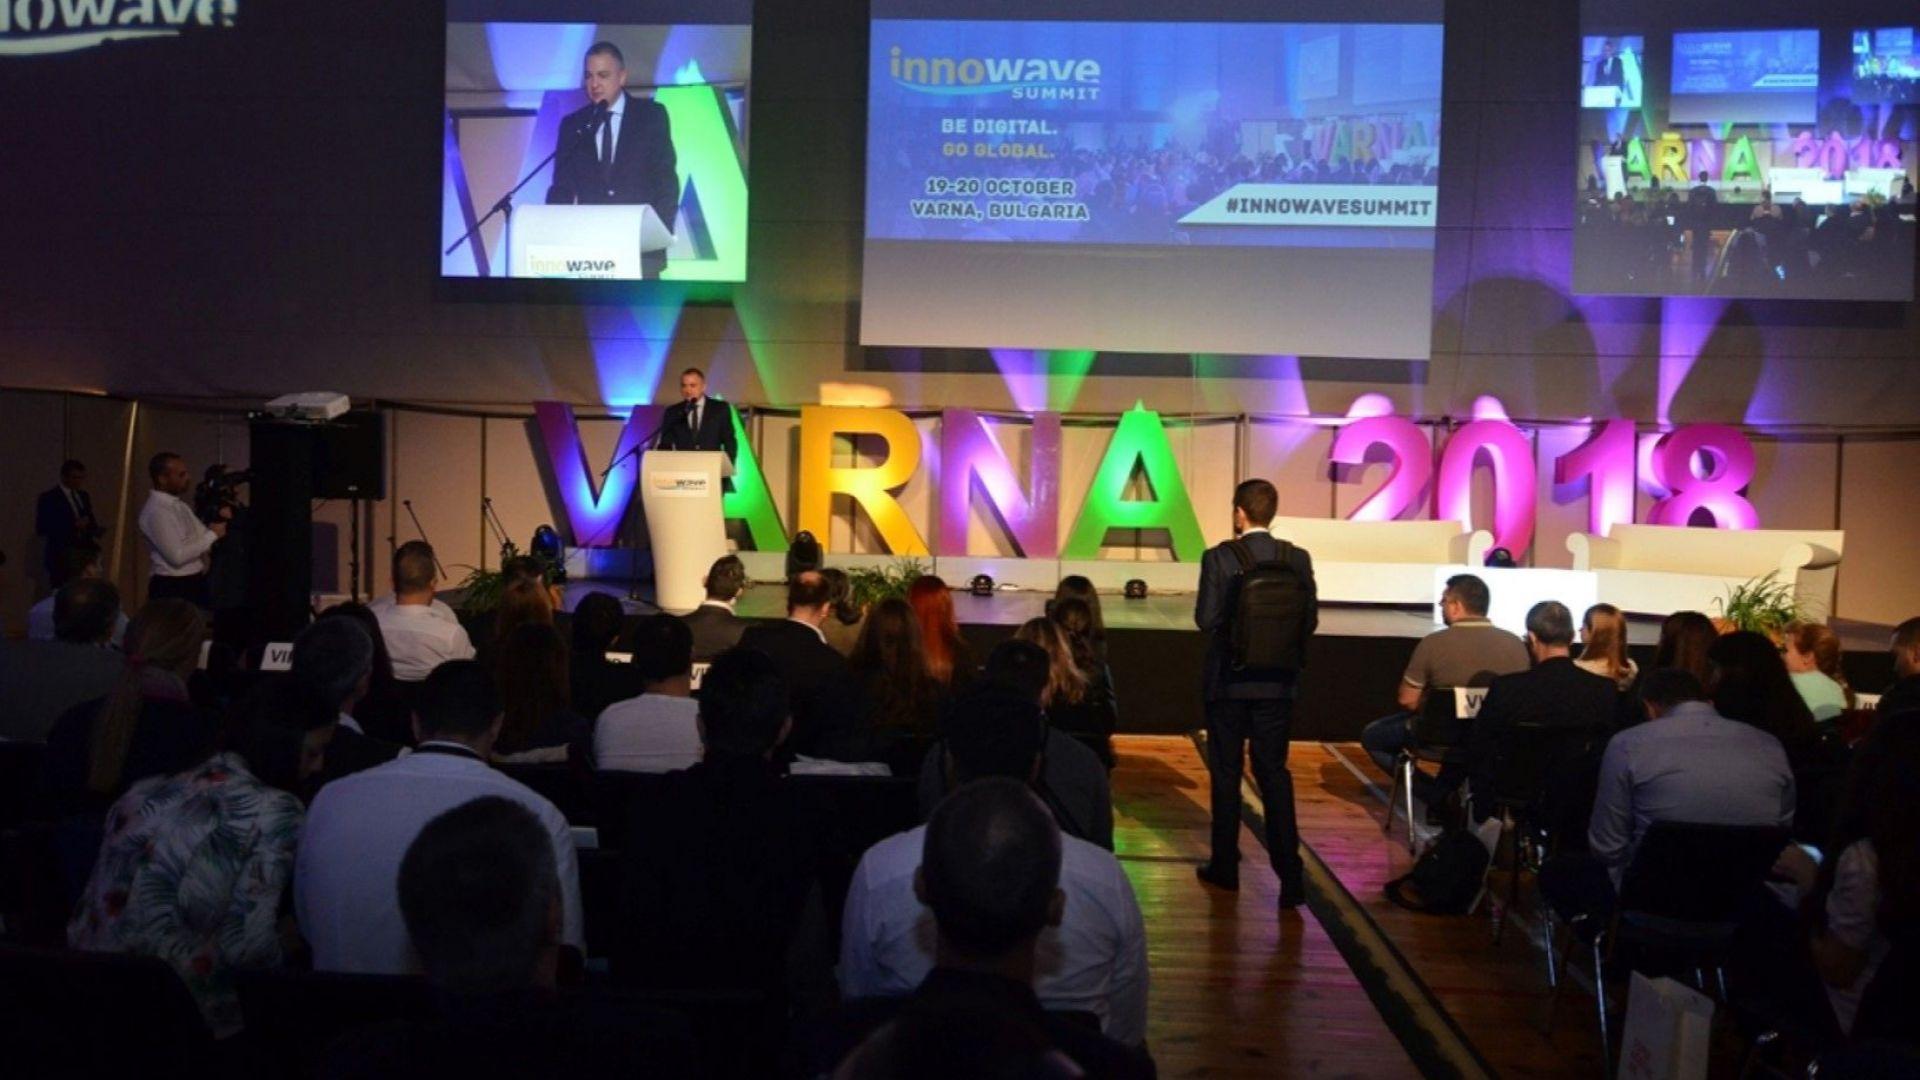 Повече от 3000 души посетиха второто издание на InnoWave Summit 2018 във Варна